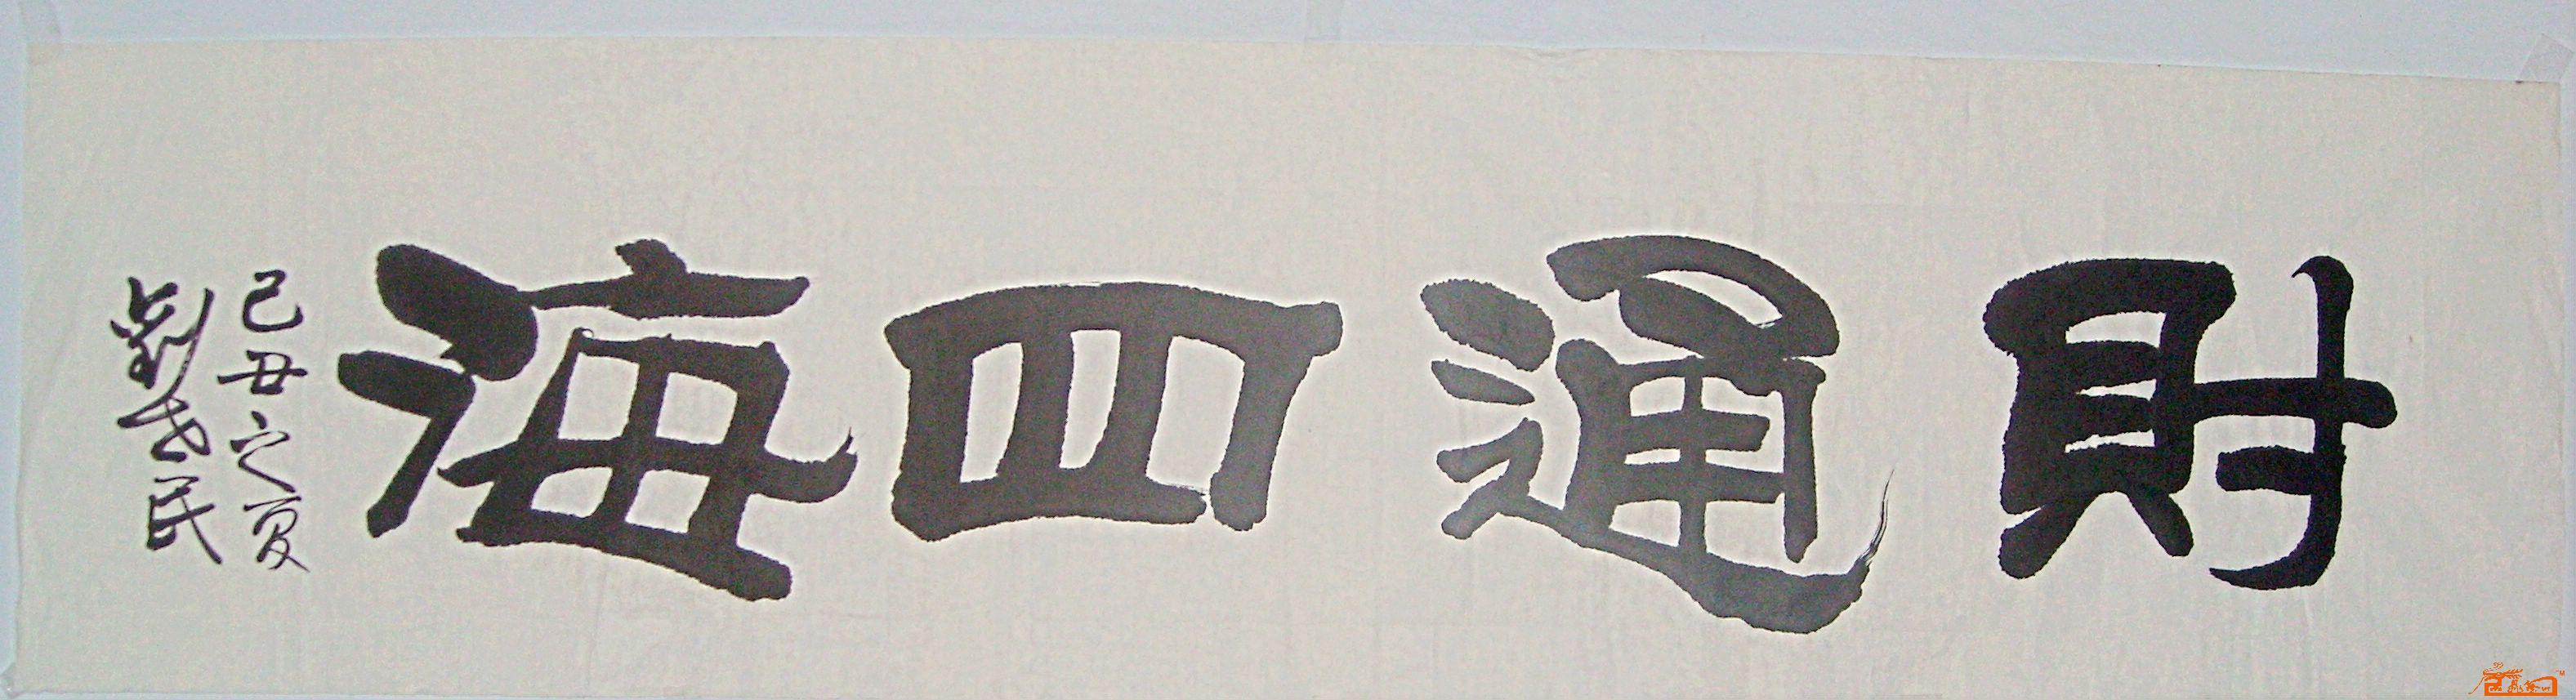 名家 刘世民 书法 - 财通四海 当前 位粉丝喜爱本幅作品